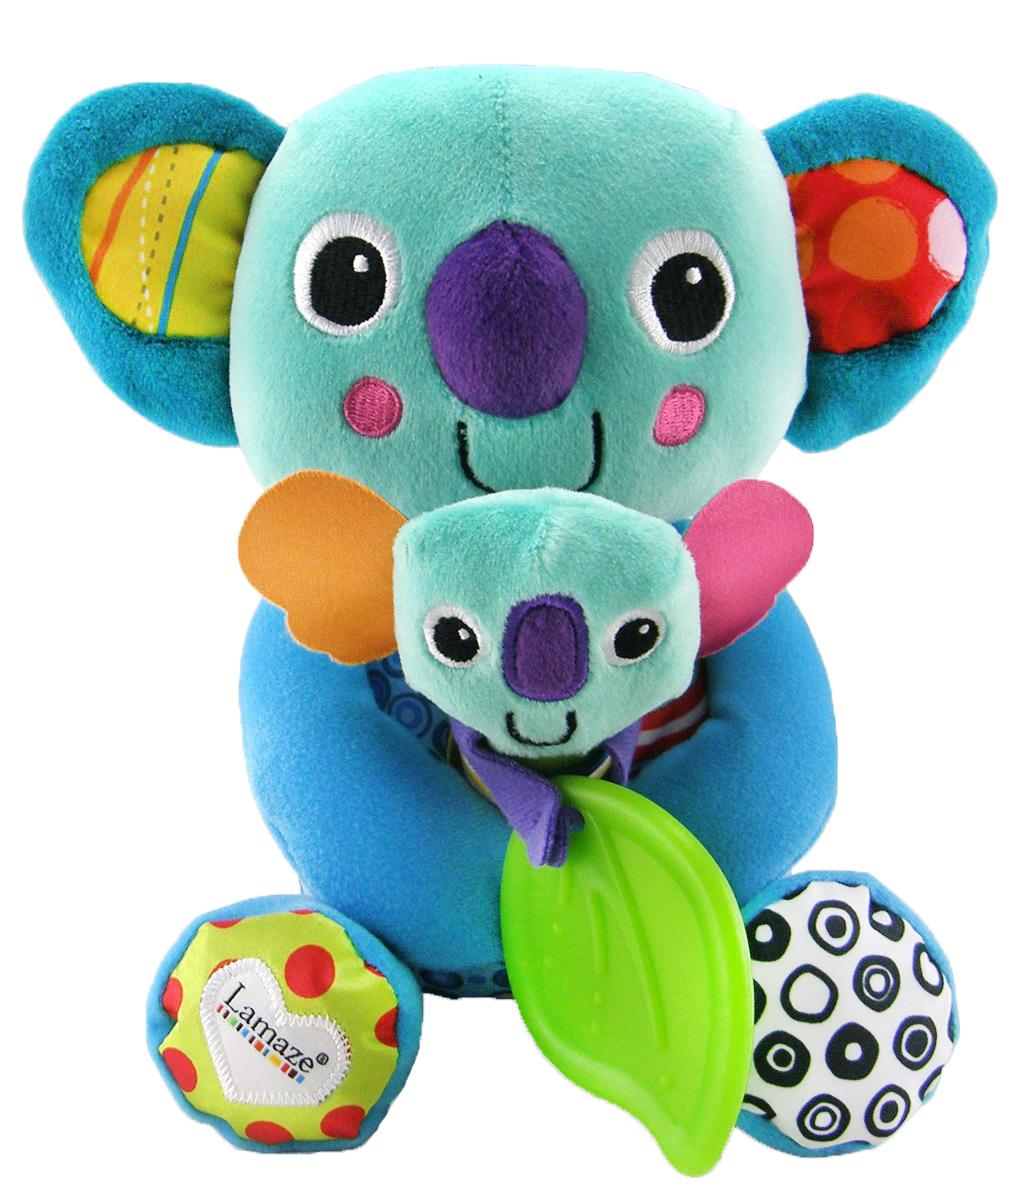 Lamaze Мягкая развивающая игрушка Веселые коалы, 20 смLC27162RUМягкая развивающая игрушка Lamaze Веселые коалы - это удивительная развивающая игрушка, выполненная в виде мамы-коалы, у которой на ручках сидит малыш, держащий в лапках листик эвкалипта. Необычный насыщенный колорит и сочетание контрастных цветов сразу же привлекут внимание крохи. Коалы такие дружелюбные и уютные, что их сразу хочется взять на ручки, потрогать и погладить. Ножки и ушки мамы-коалы приятно шелестят при надавливании. Игрушка изготовлена из абсолютно безвредных материалов, рекомендована малышам с 6 месяцев. Мягкая развивающая игрушка Lamaze Веселые коалы способствует развитию первичных навыков внимательности, наблюдательности, мелкой моторики, повышению коэффициента эмоциональности (вызывает улыбку и смех) и познания в целом, вырабатывает у малыша реакцию на звук.